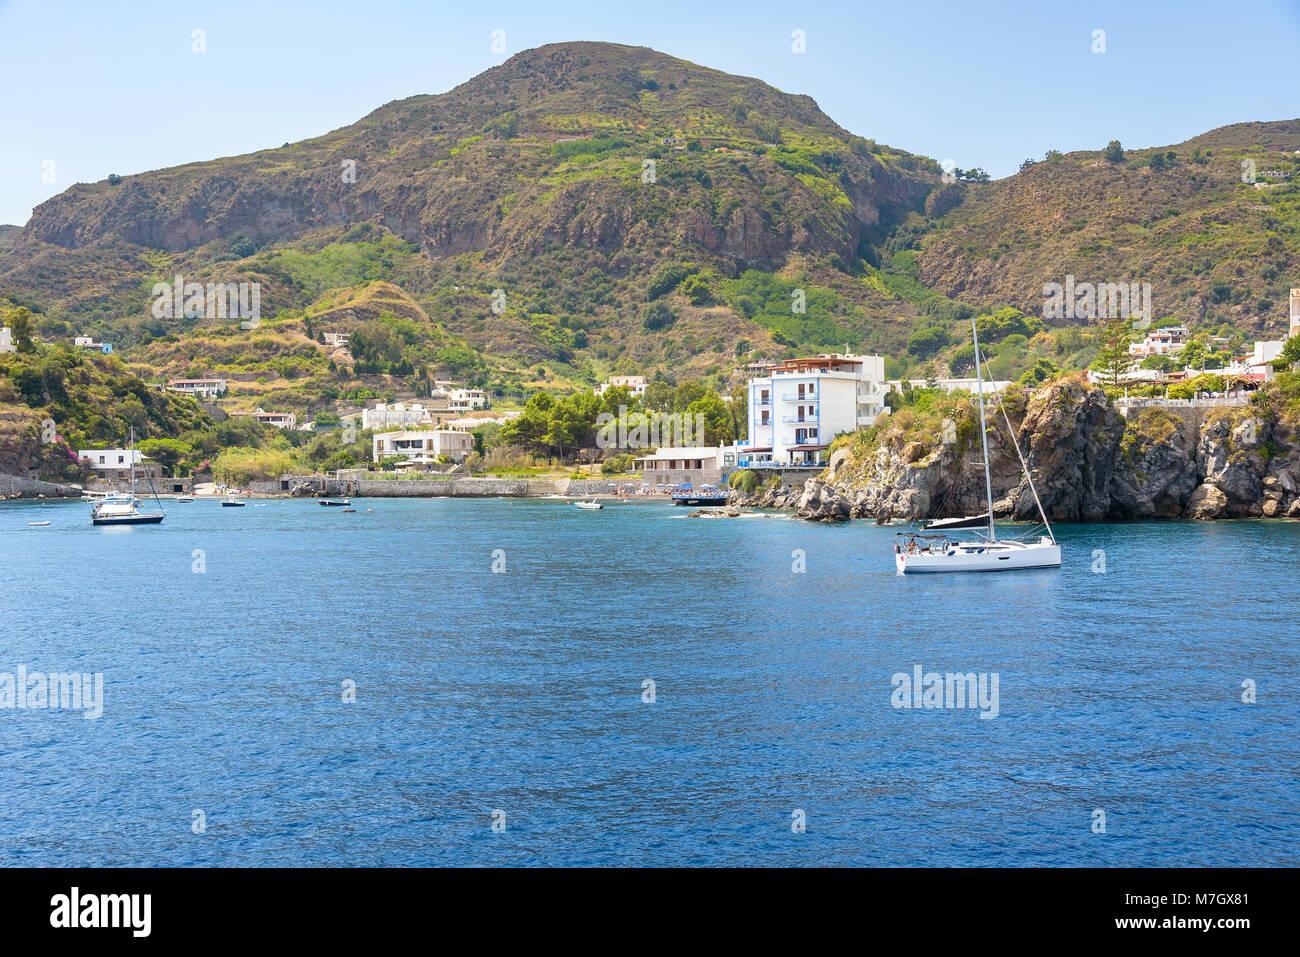 Yachts at the Lipari Island, Aeolian Islands, Italy Stock Photo